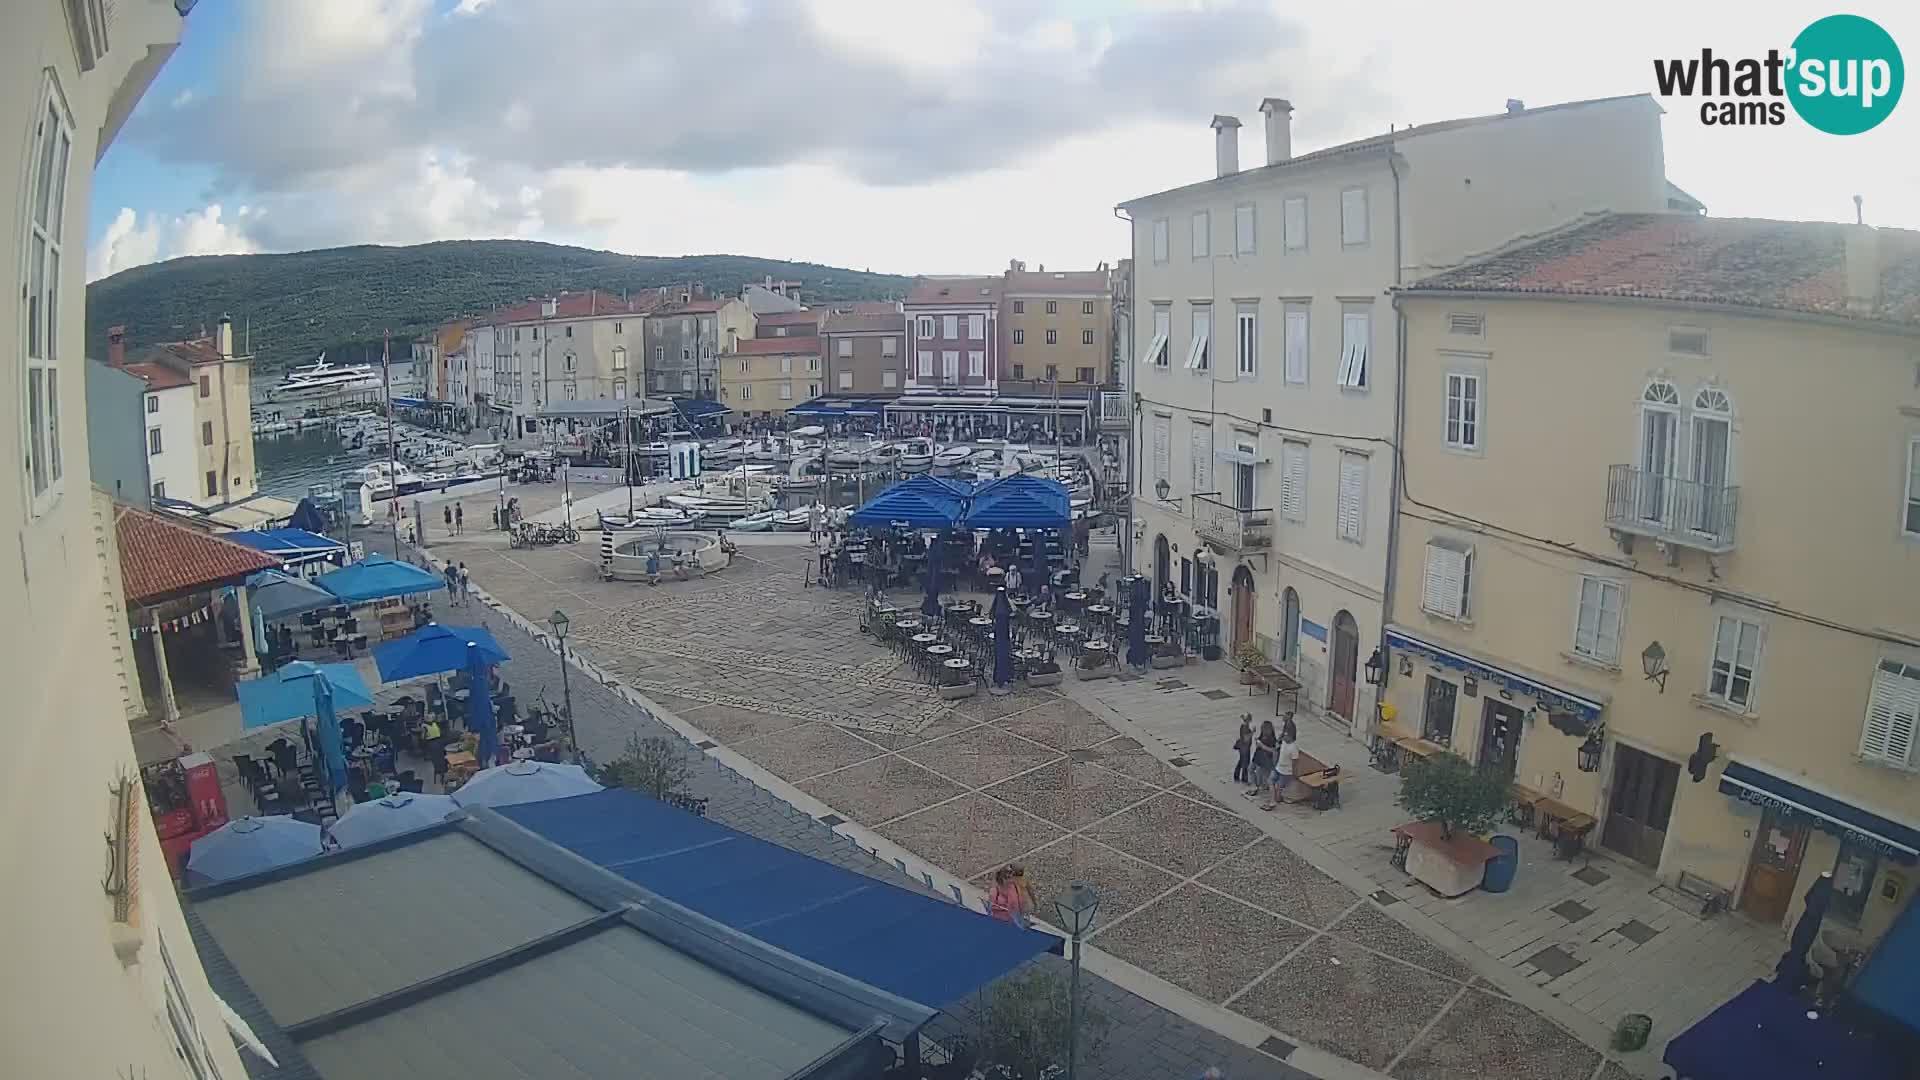 """Kamera v ŽIVO Cres mesto – glavni trg in """"mandrač"""" – otok Cres – Hrvaška"""